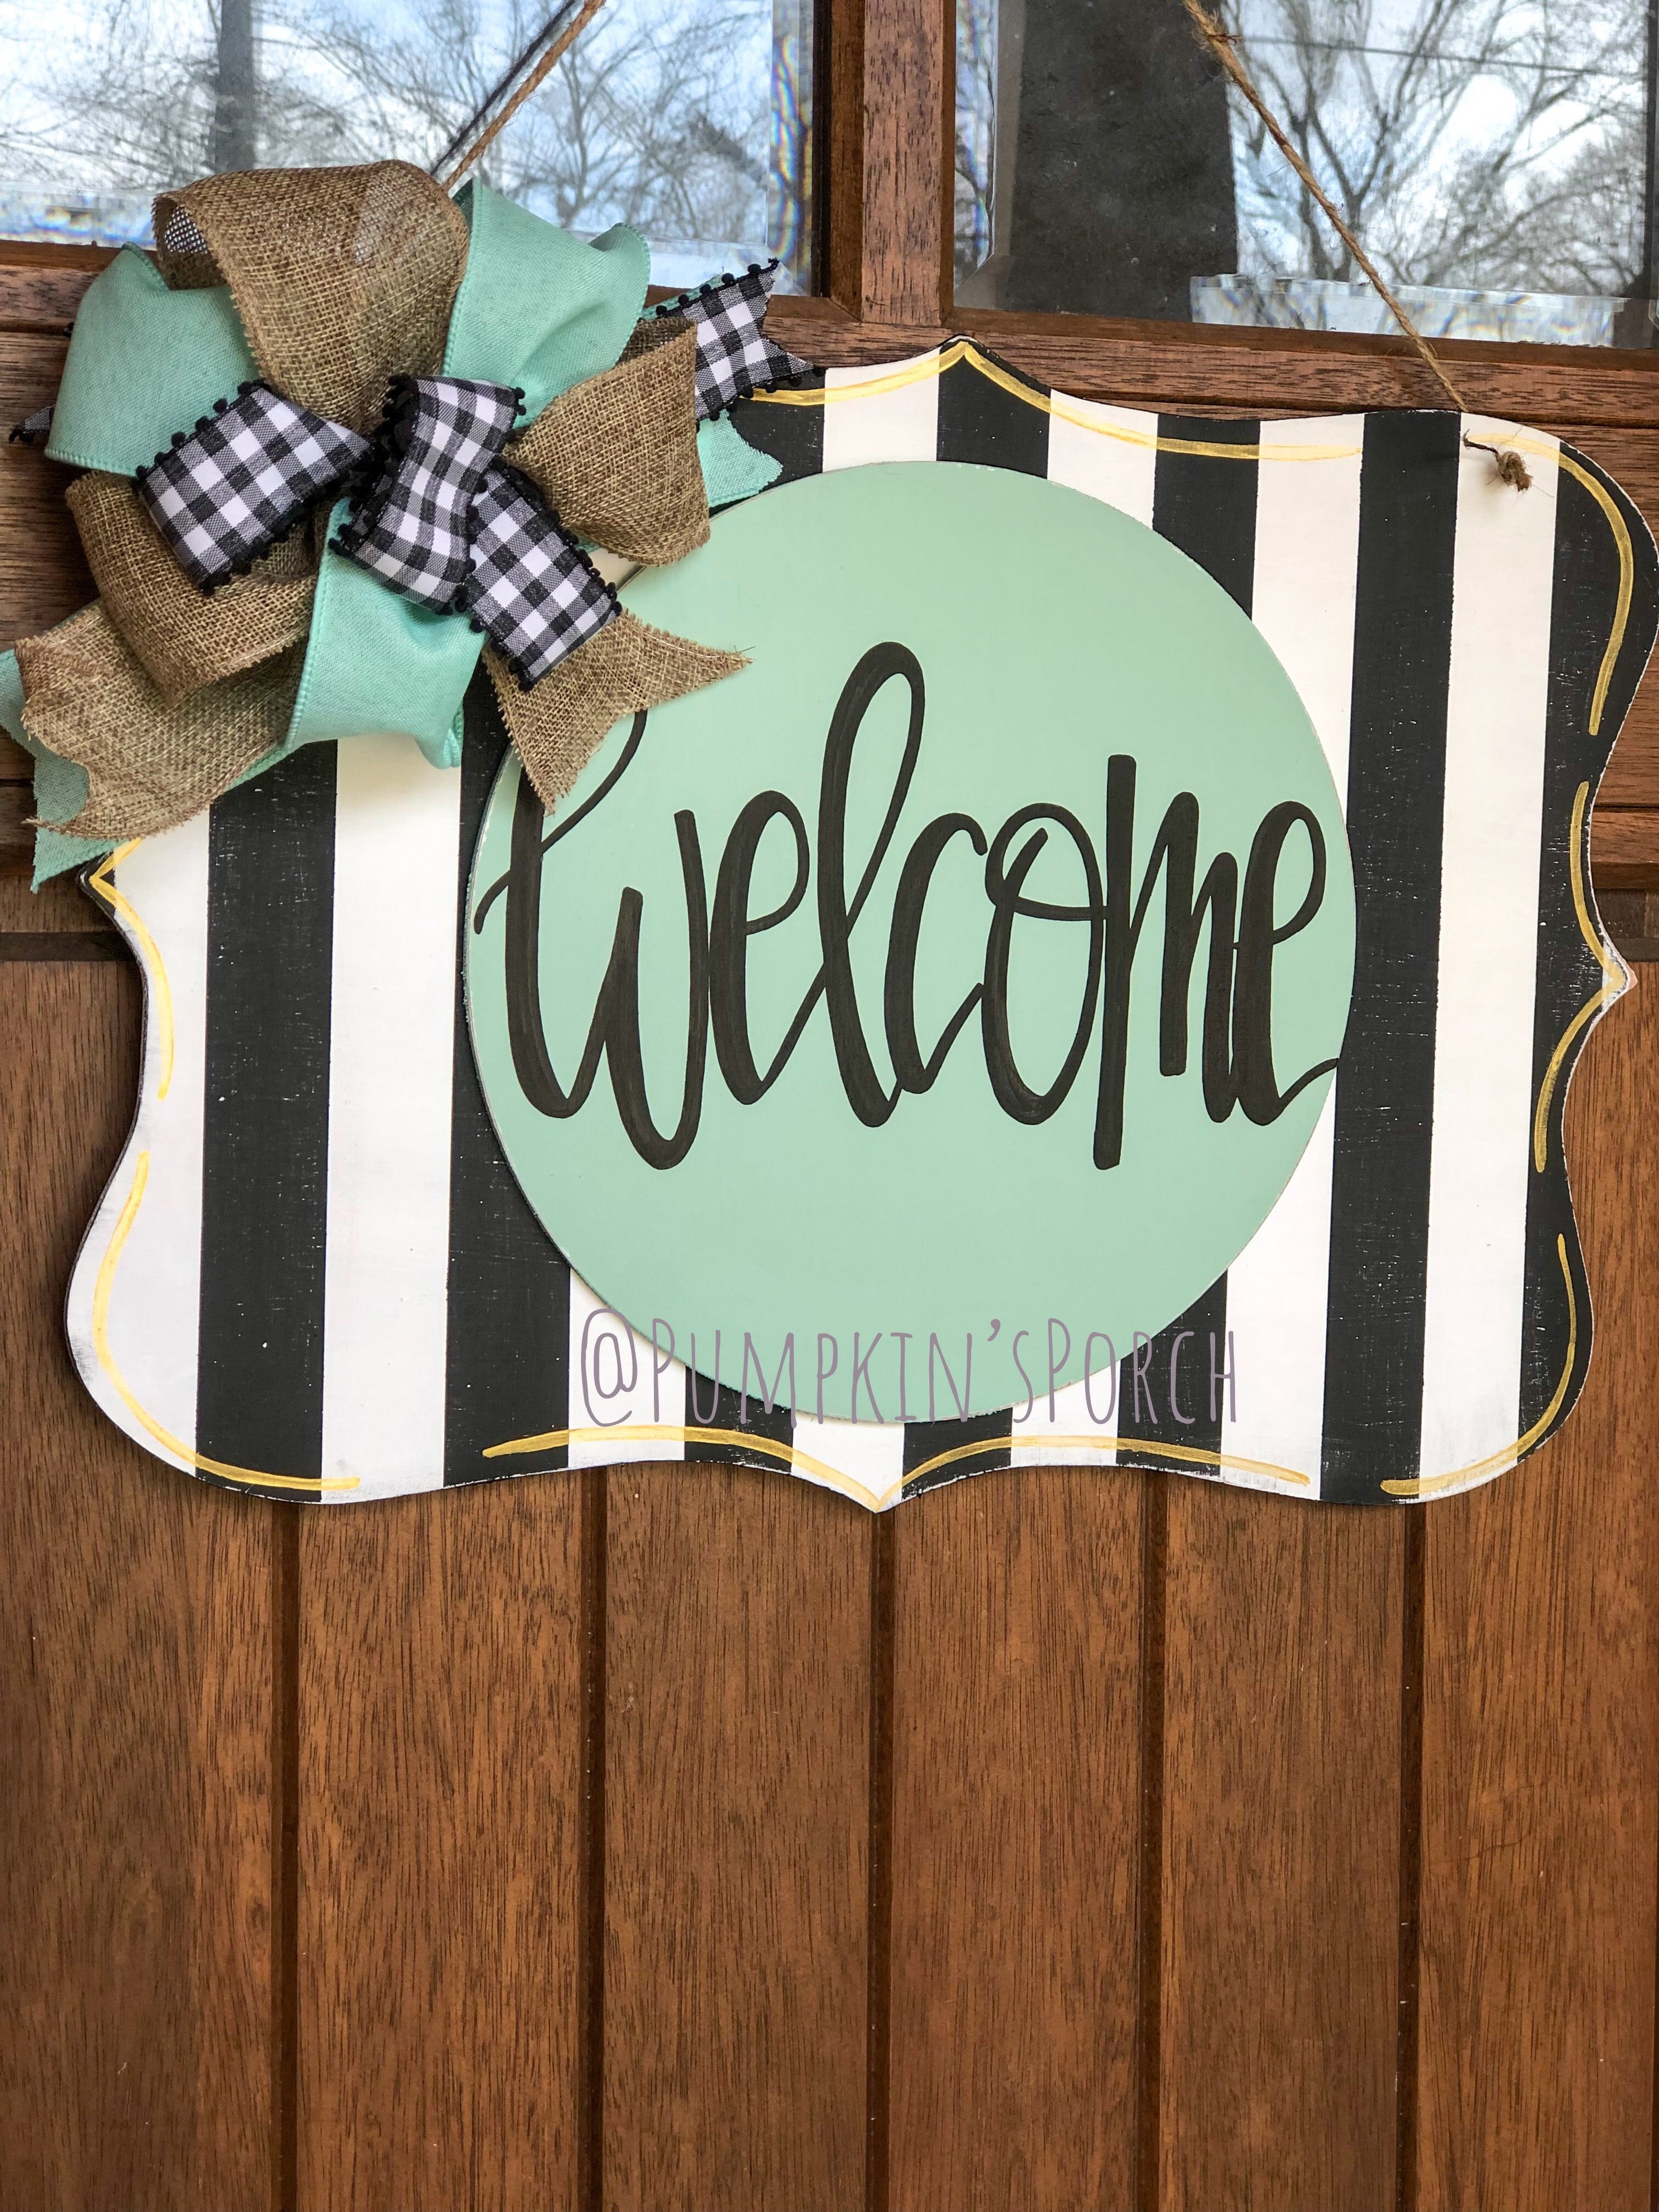 Door Charms Interchangeable Hanger with Attachments Summer Sign Interchangeable Door Hanger Door Wreath Rustic Fall Door Hanger